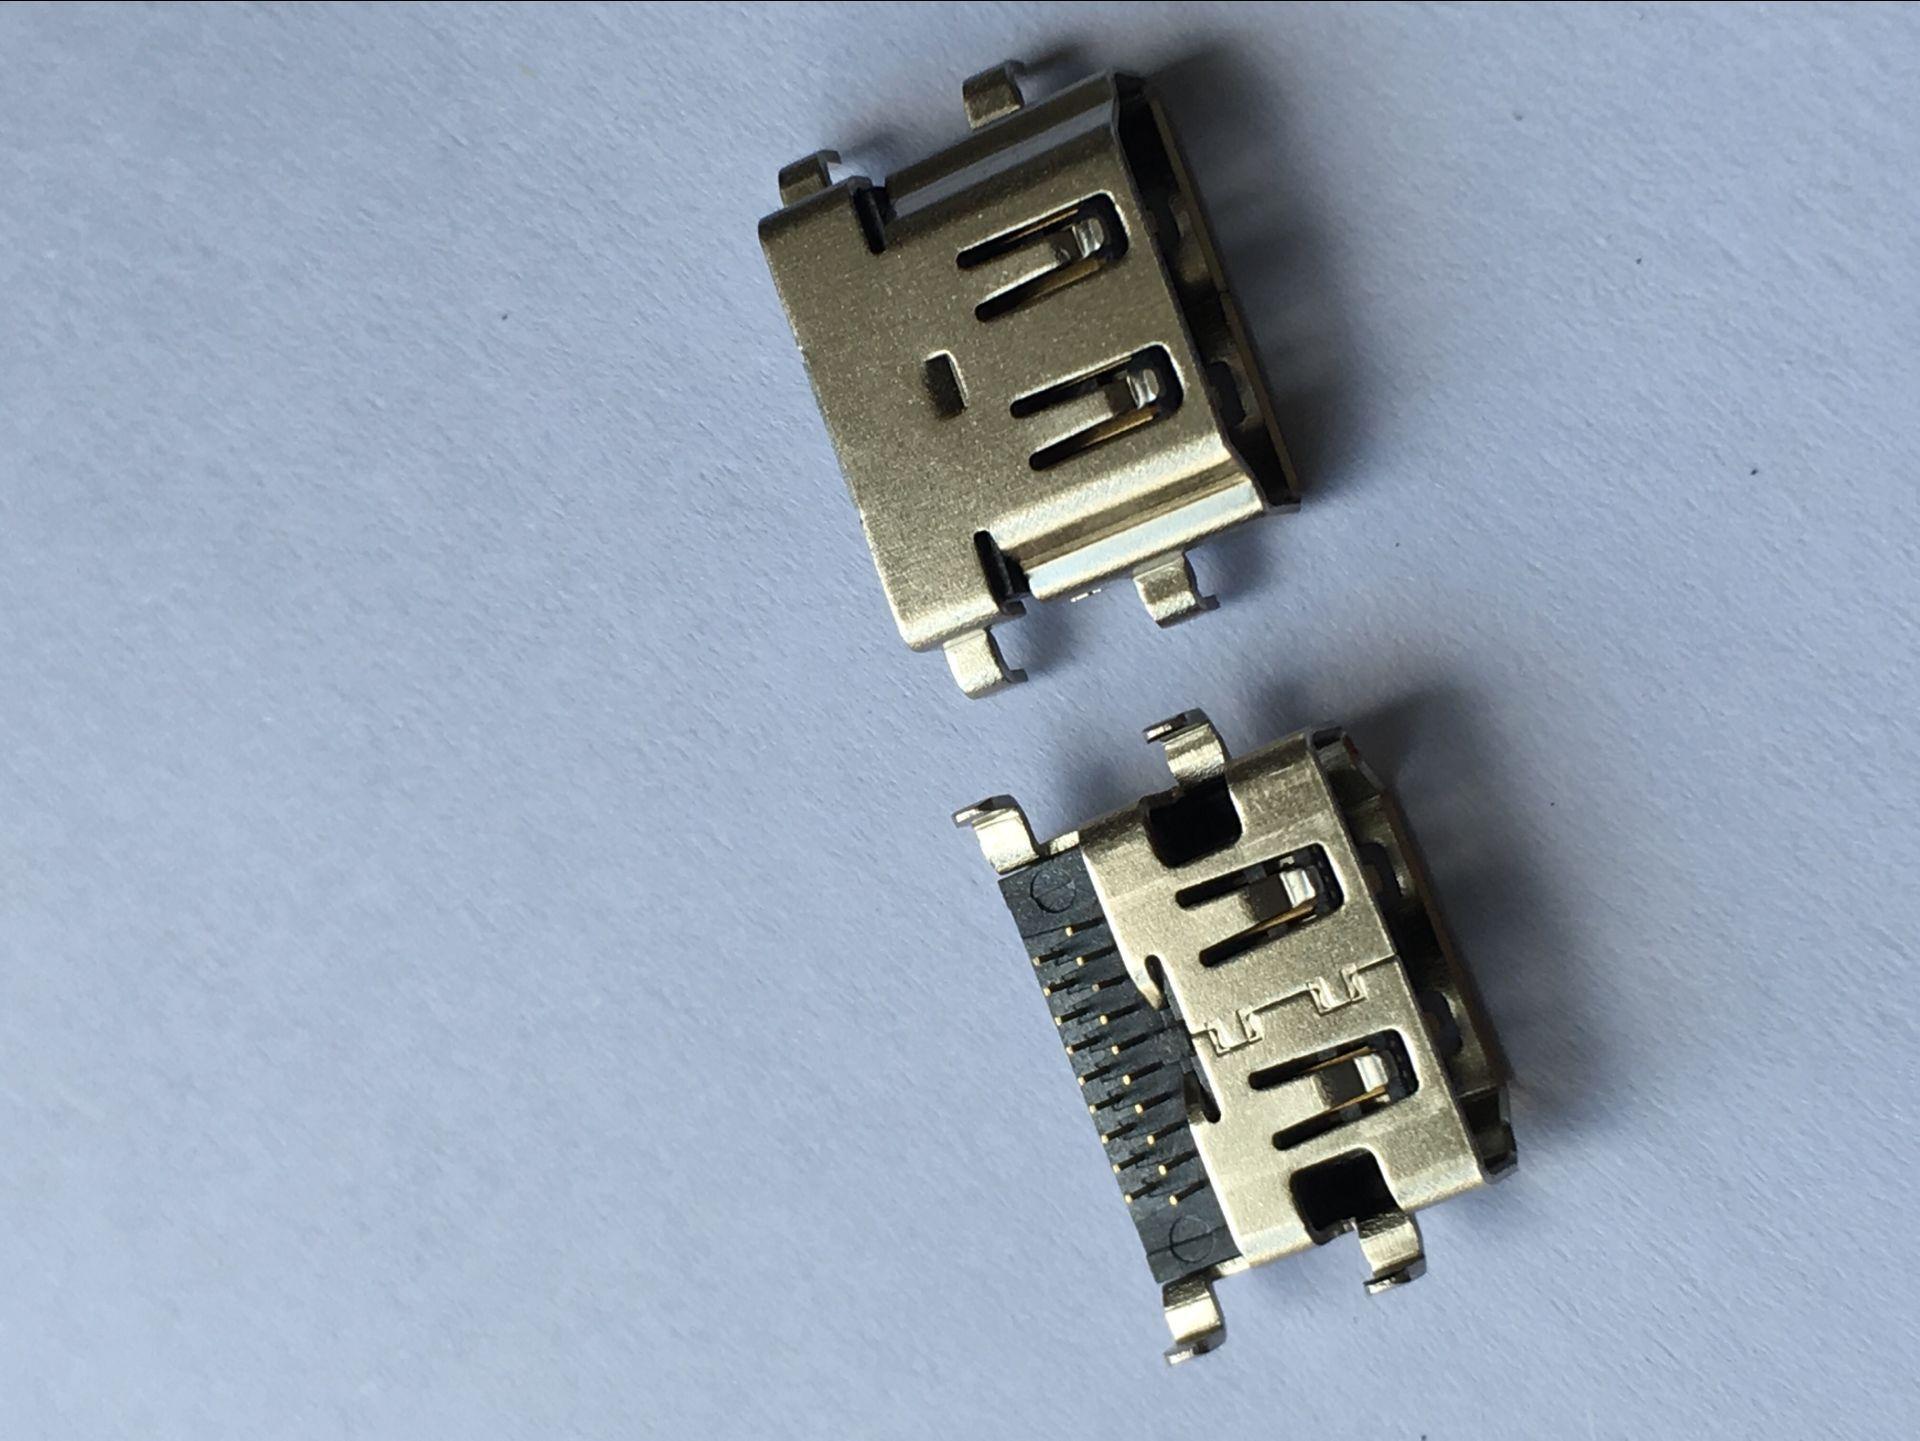 Nhà sản xuất cung cấp kết nối HDMI 19 P xếp chìm board hdmi kết nối usb thành phần điện tử nối